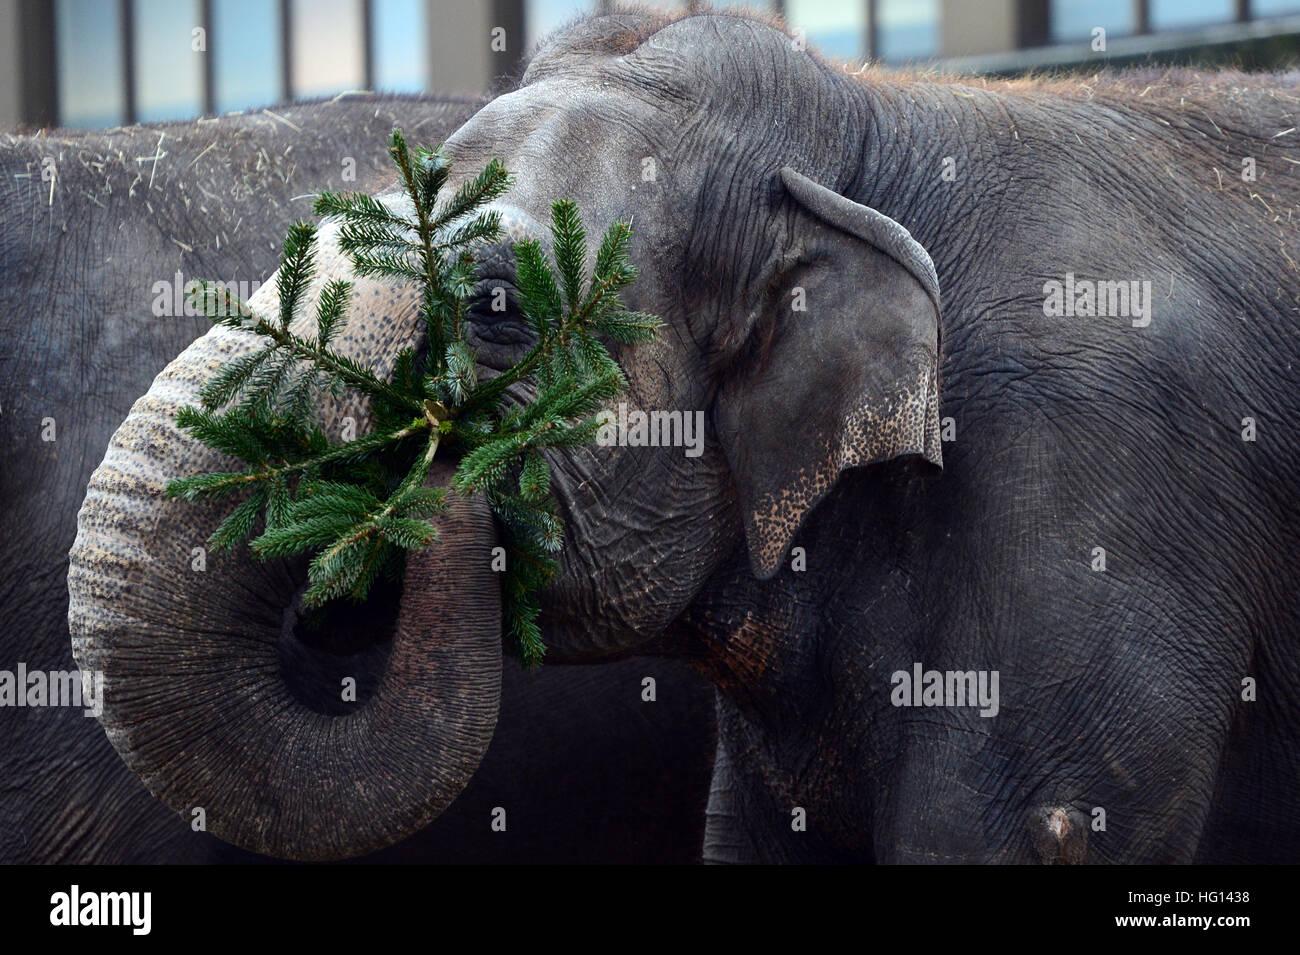 Berlino, Germania. 03 gen 2017. Gli elefanti sono sempre scartato alberi di Natale che viene loro servito come prelibatezza Immagini Stock